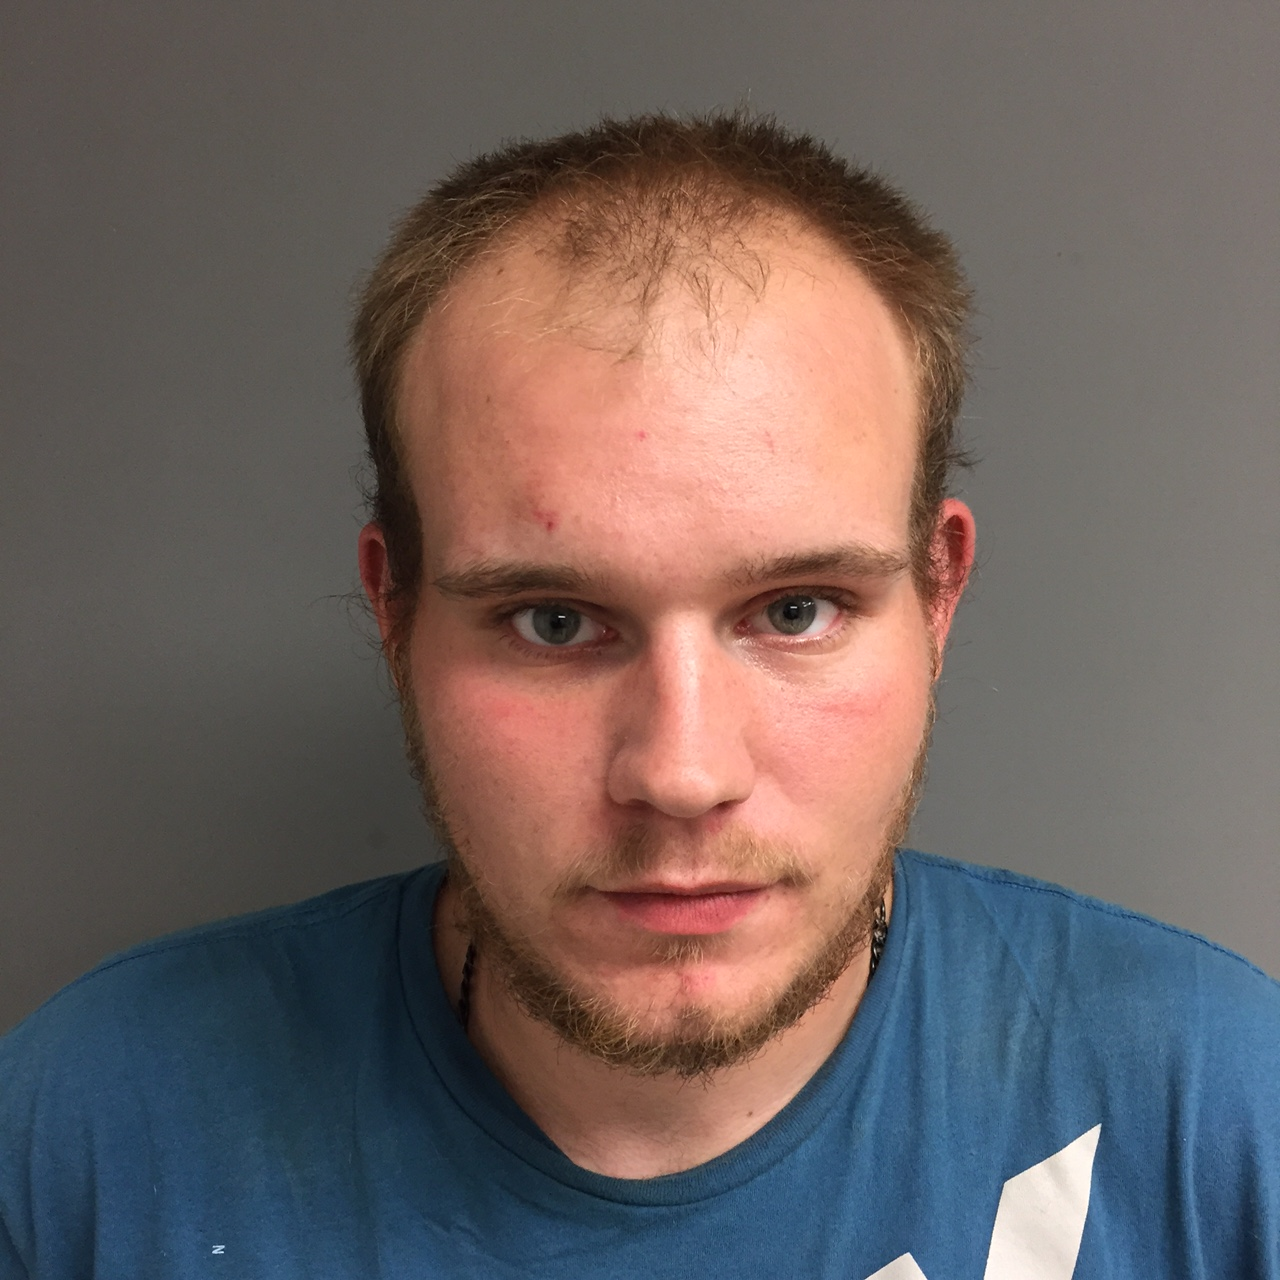 Timothy Ksepka, 23, of Hardwick